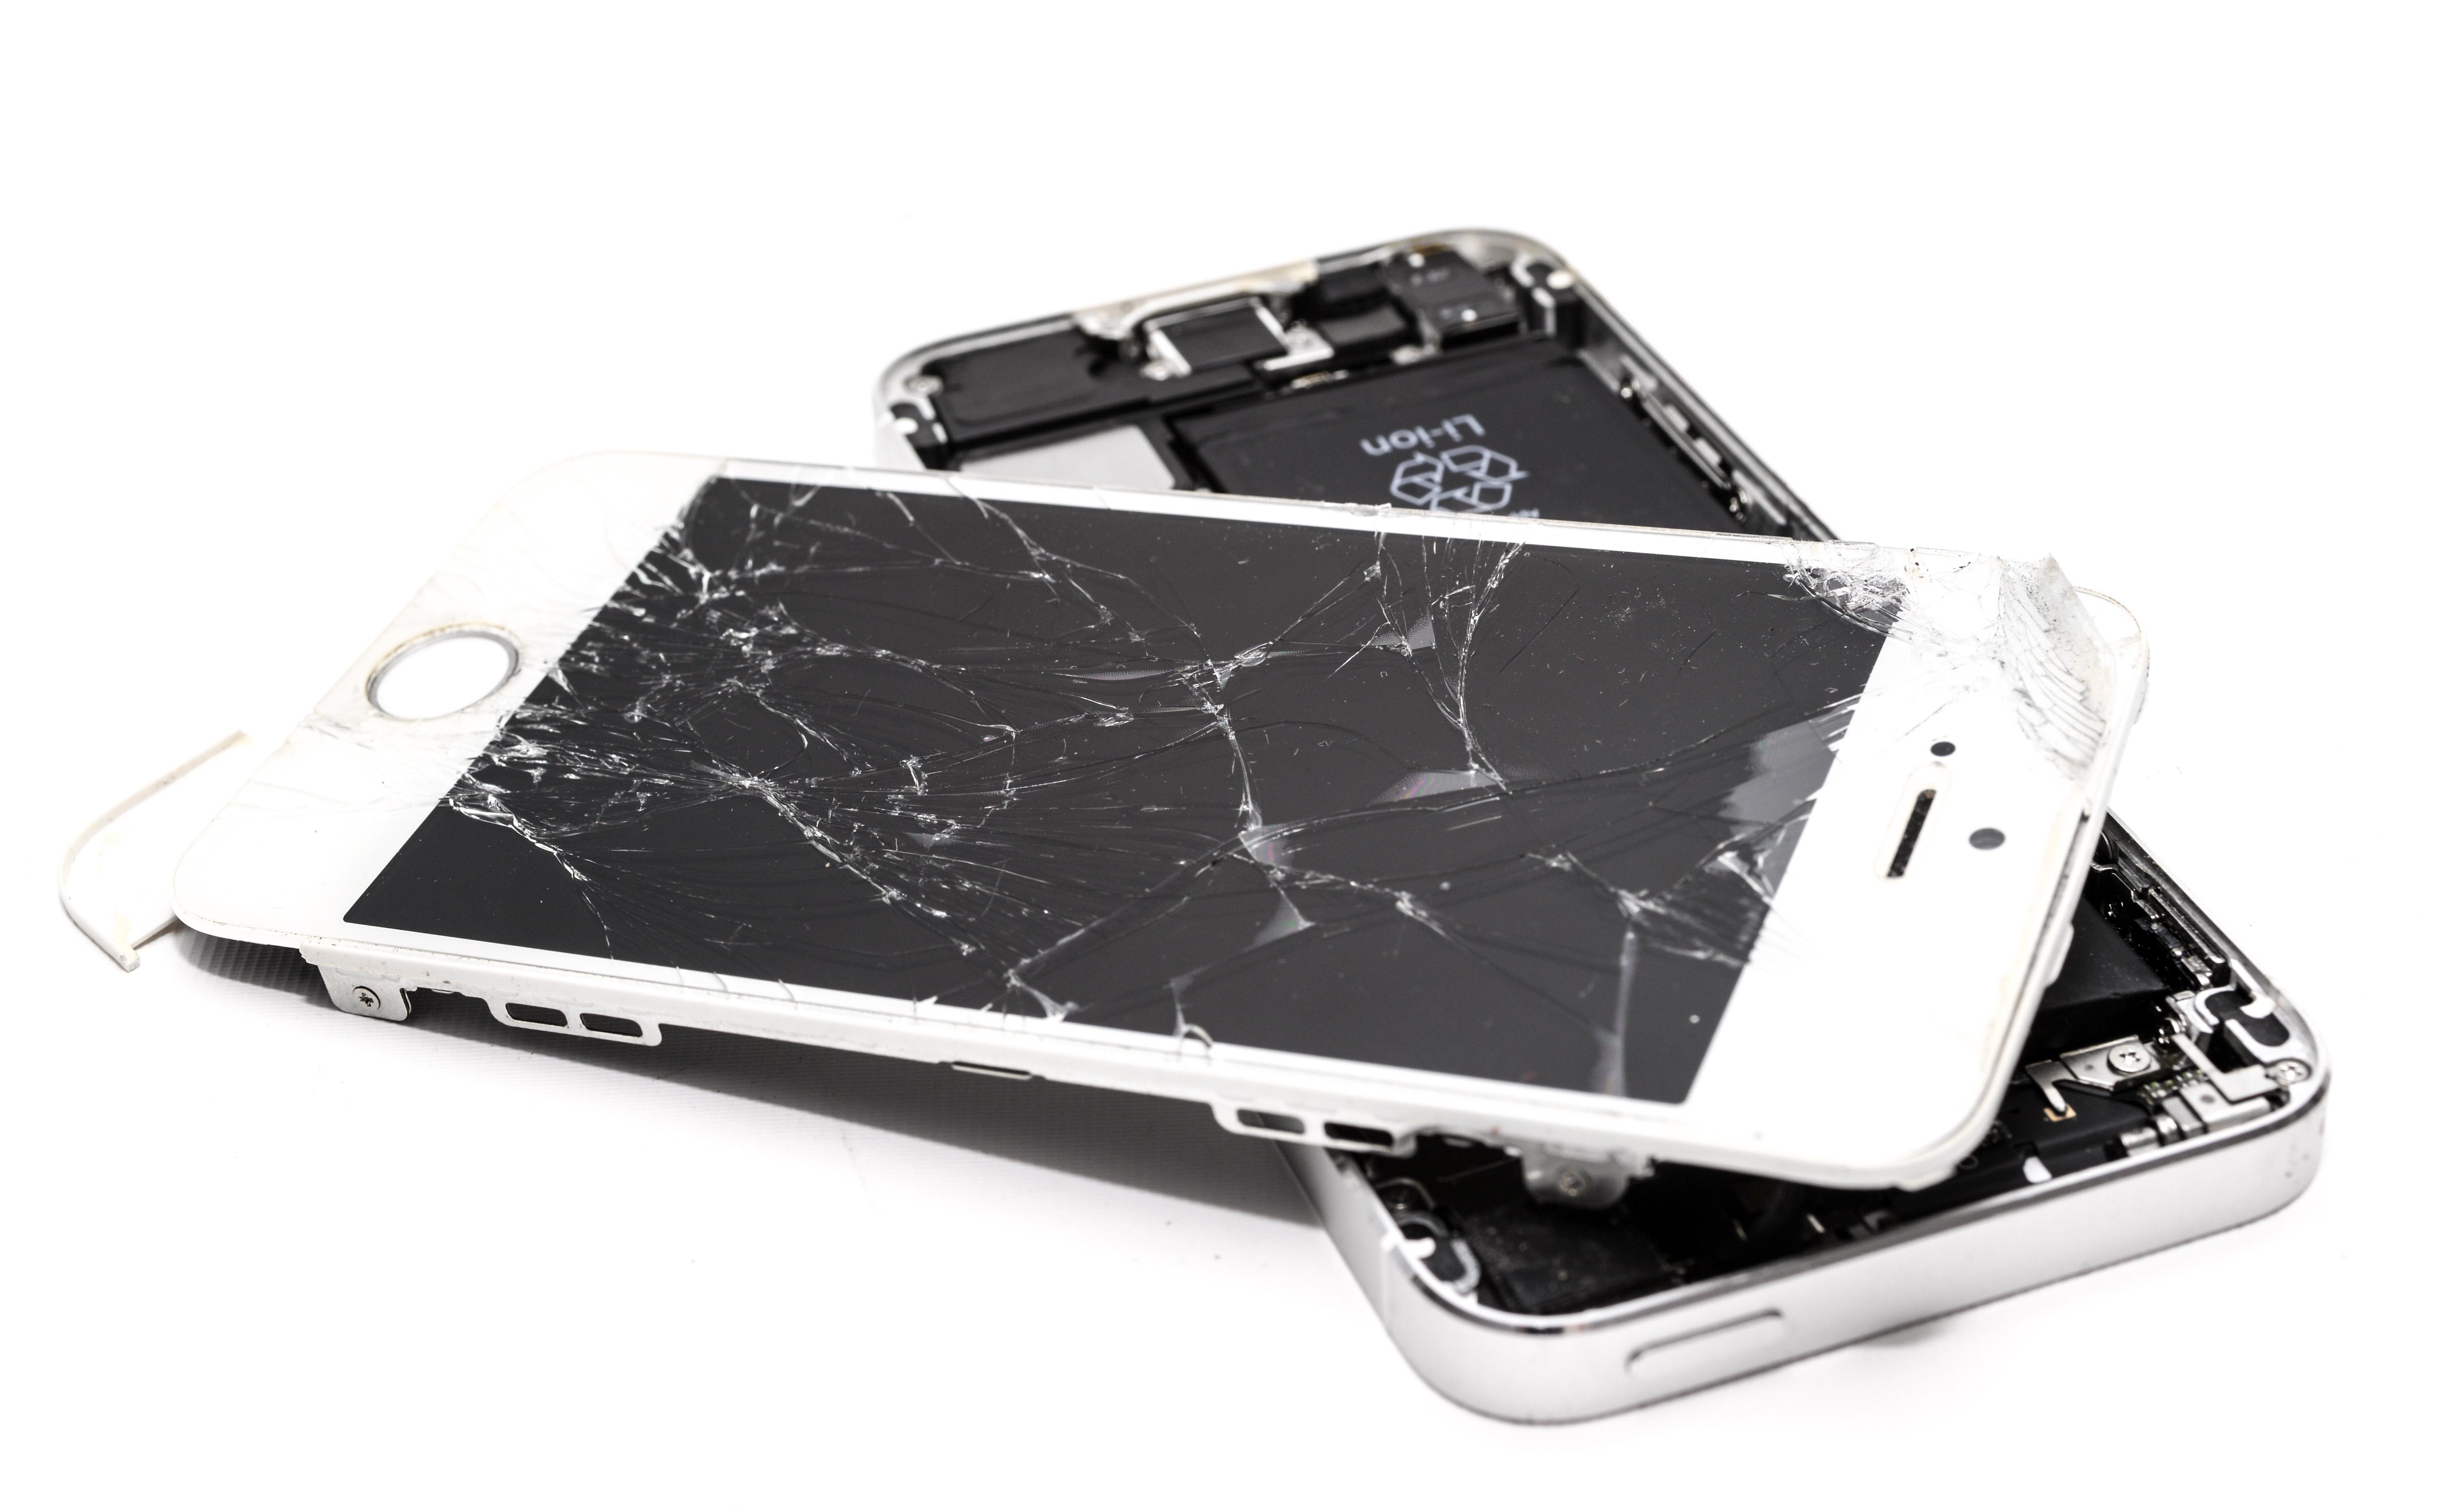 Comment vérifier la garantie de son iPhone, iPad aisément avec iOS 12.2 1